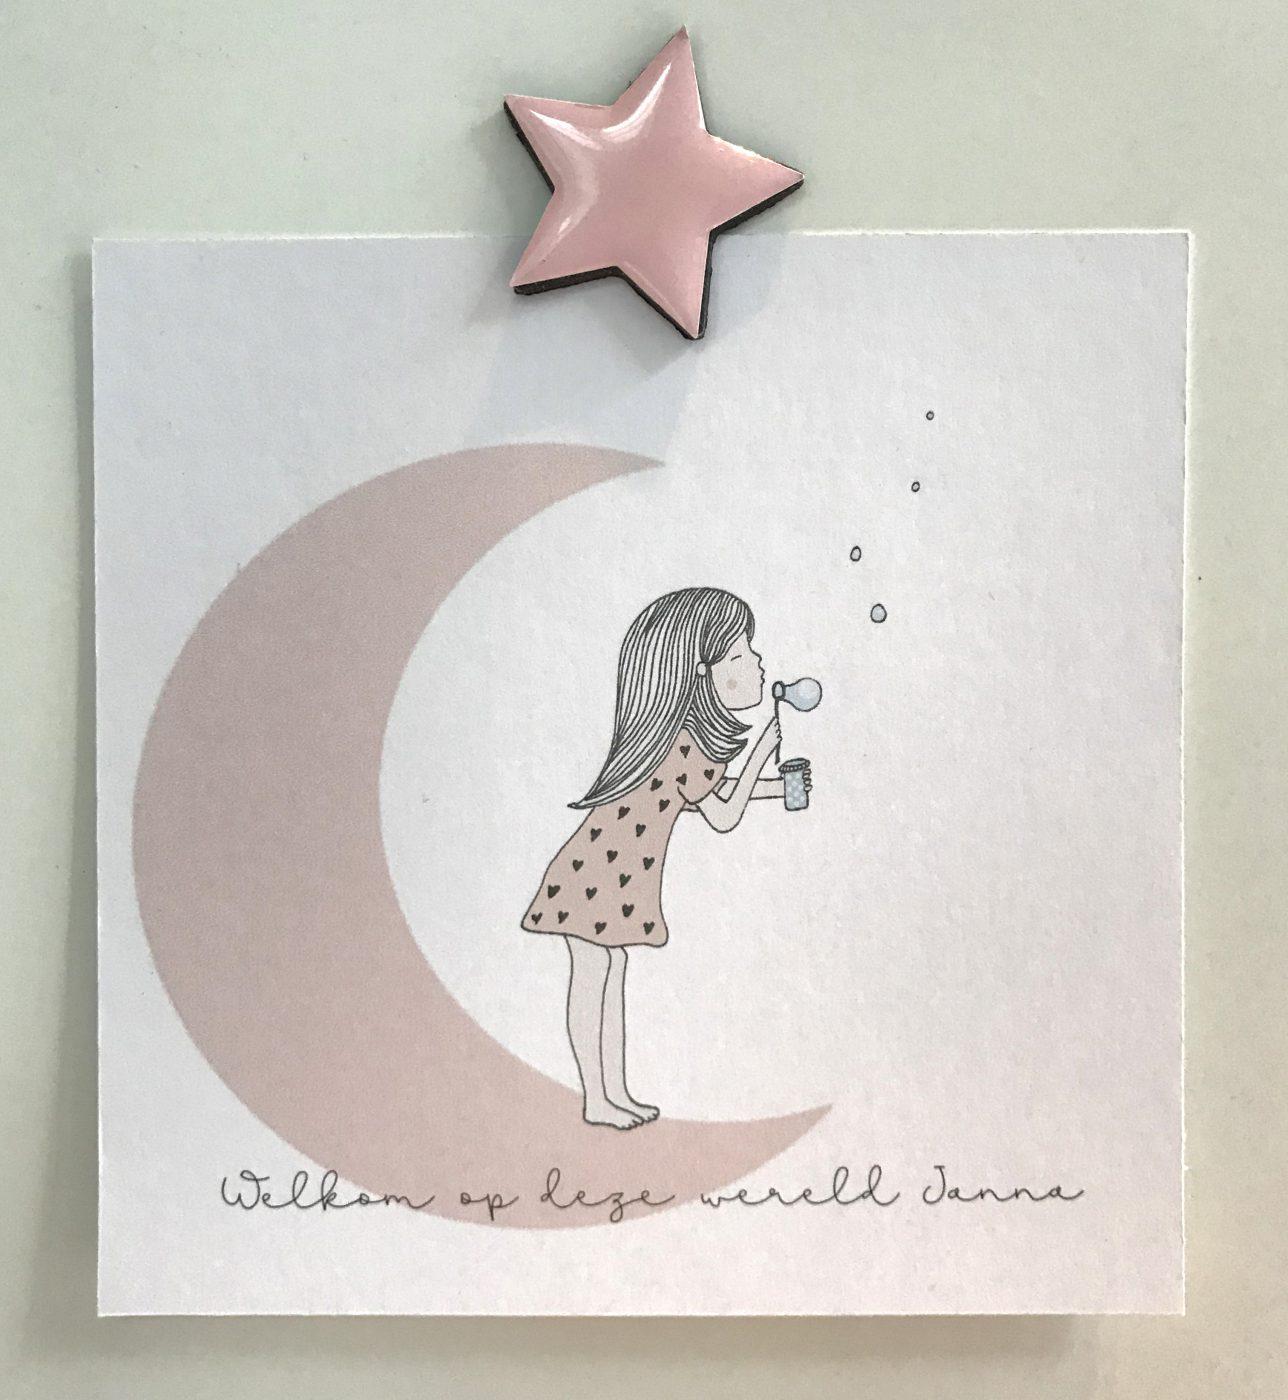 geboortekaartje dochter met een maan. Meisje bellenblazend. getekend kaartje Illustratie